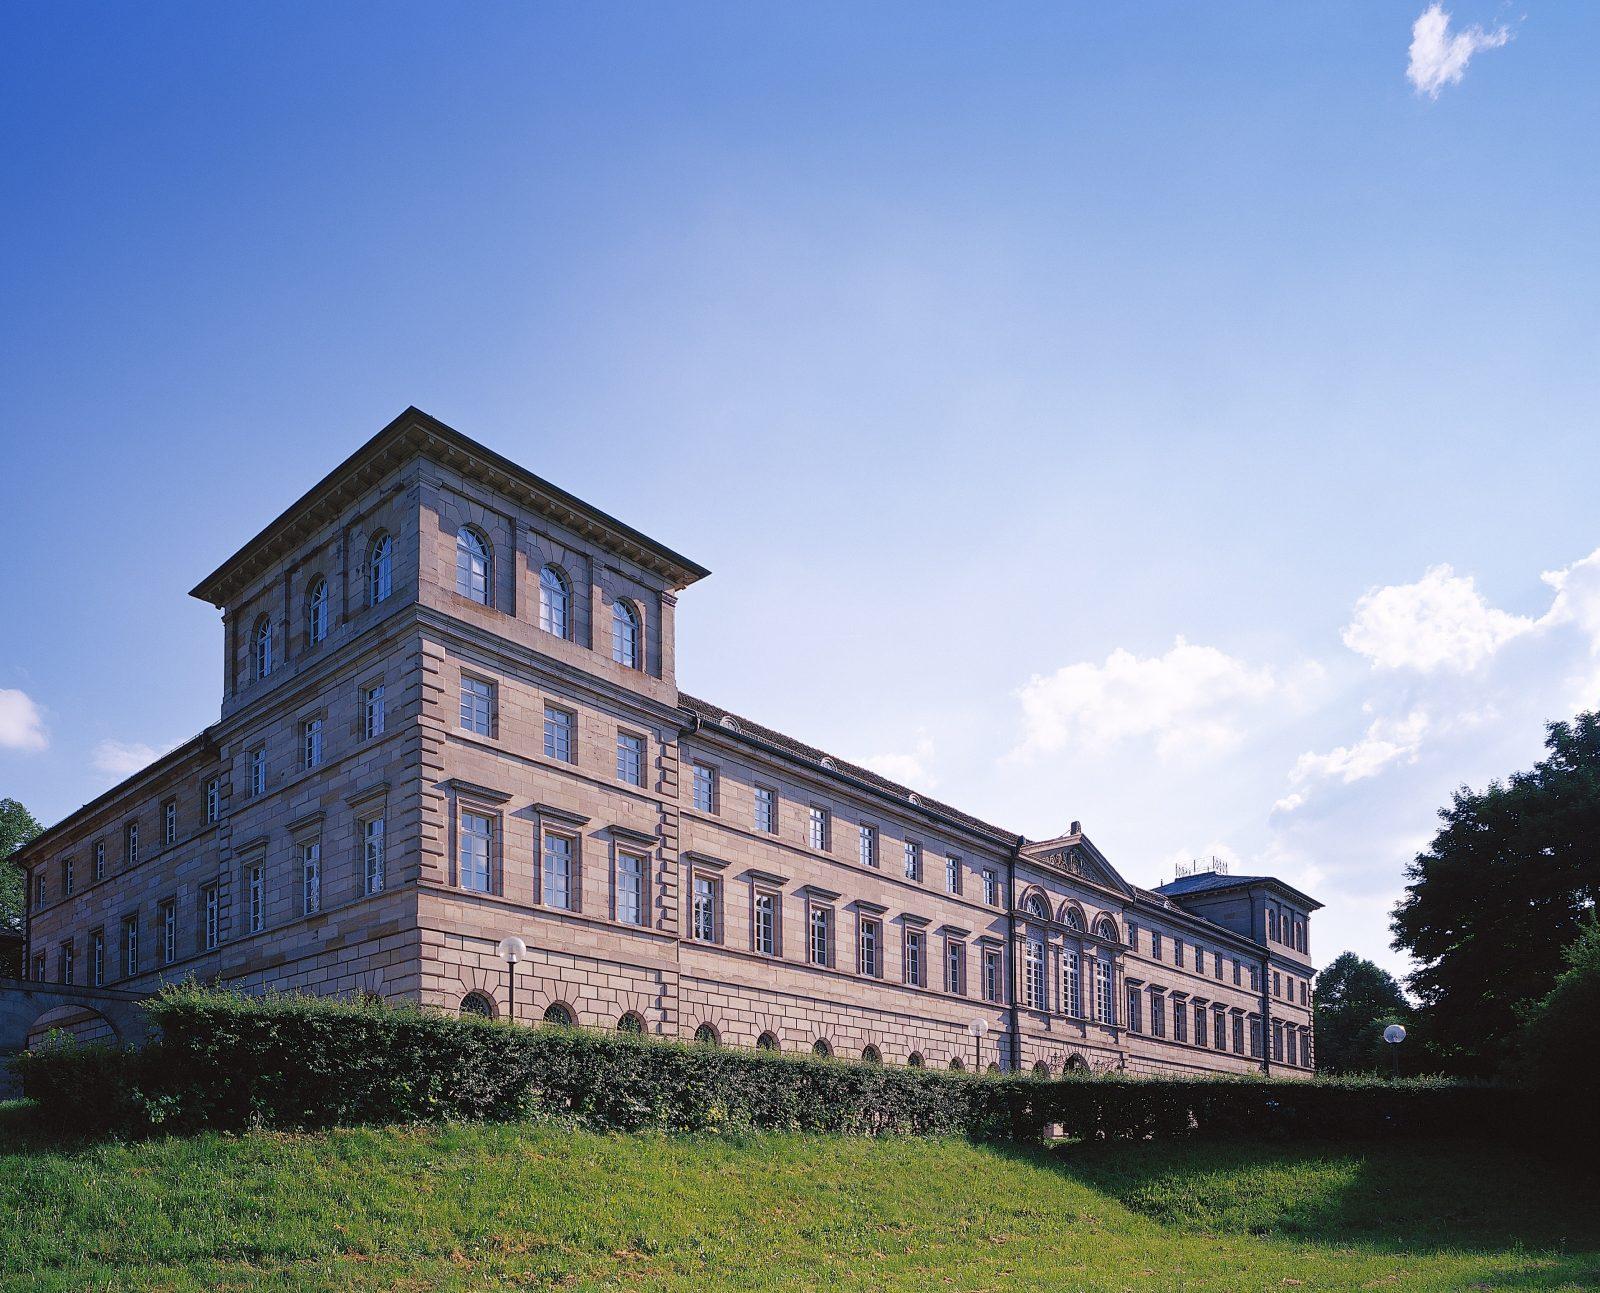 Schloss Pückler-Limburg